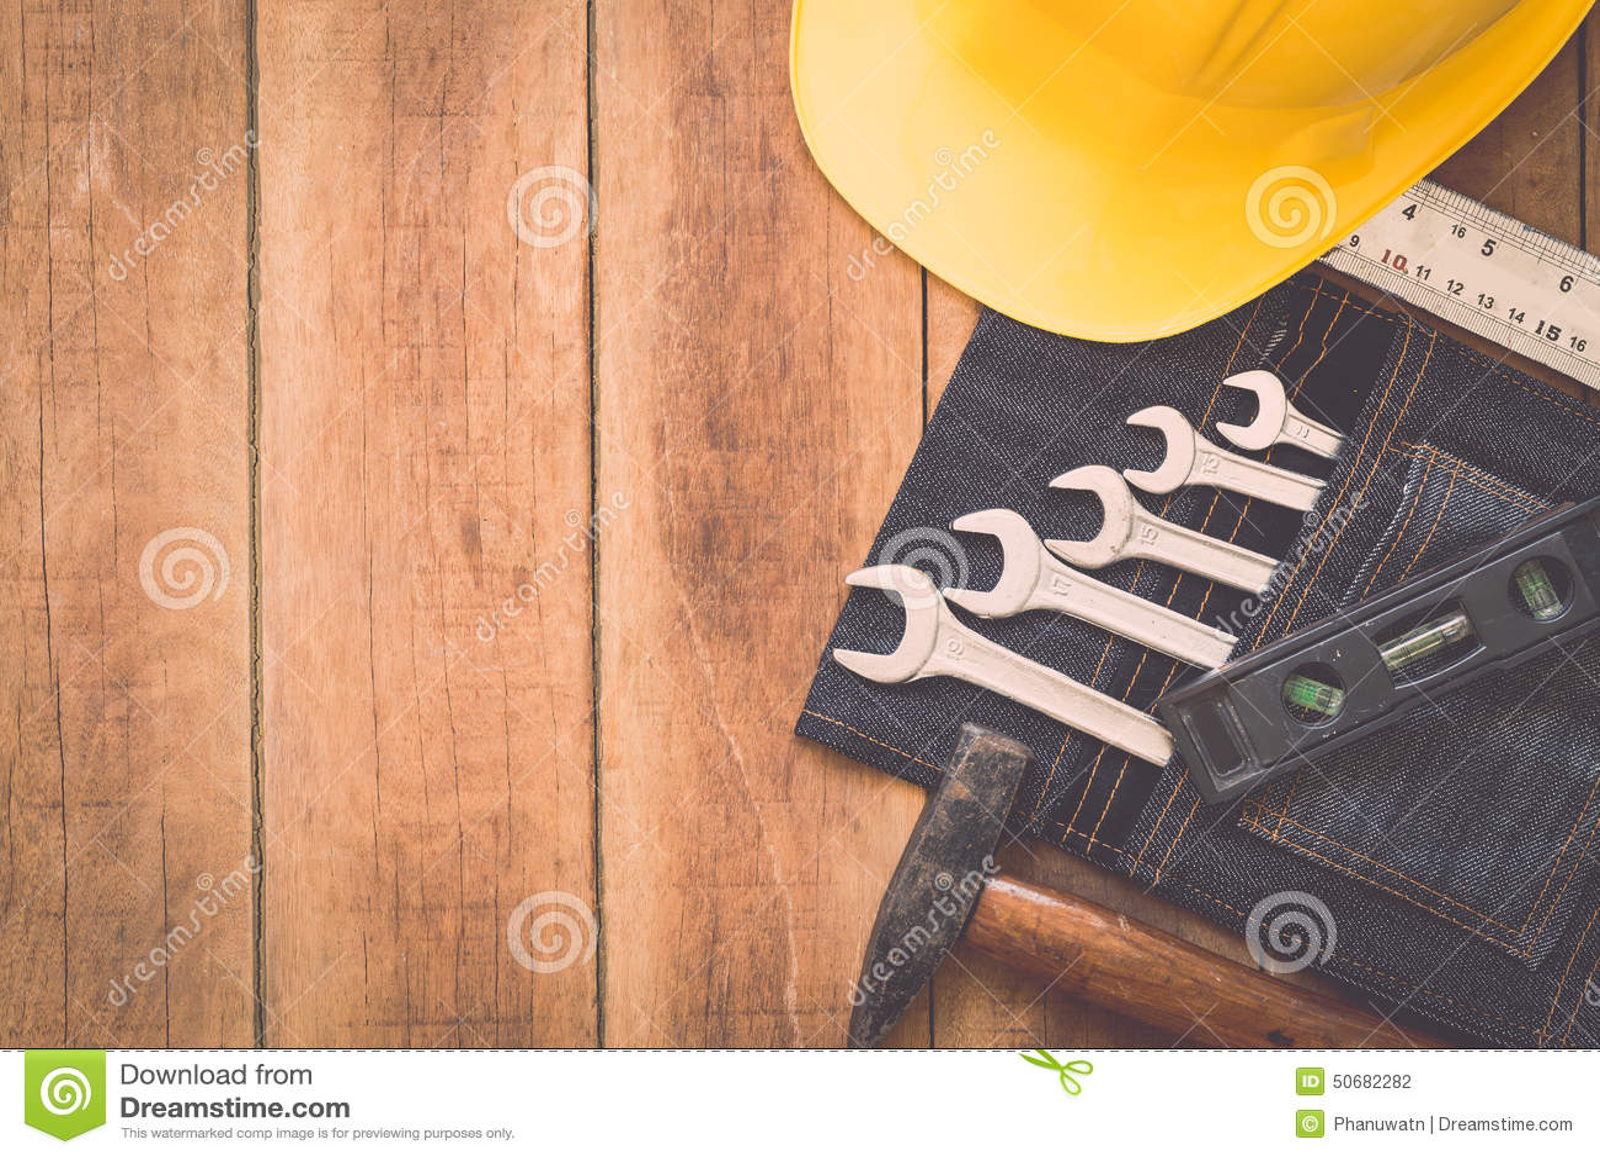 Download 在木头的被分类的工作工具 库存照片. 图片 包括有 甲板, 保护, 概念, 现有量, 的协助, 对象, 盔甲 - 50682282